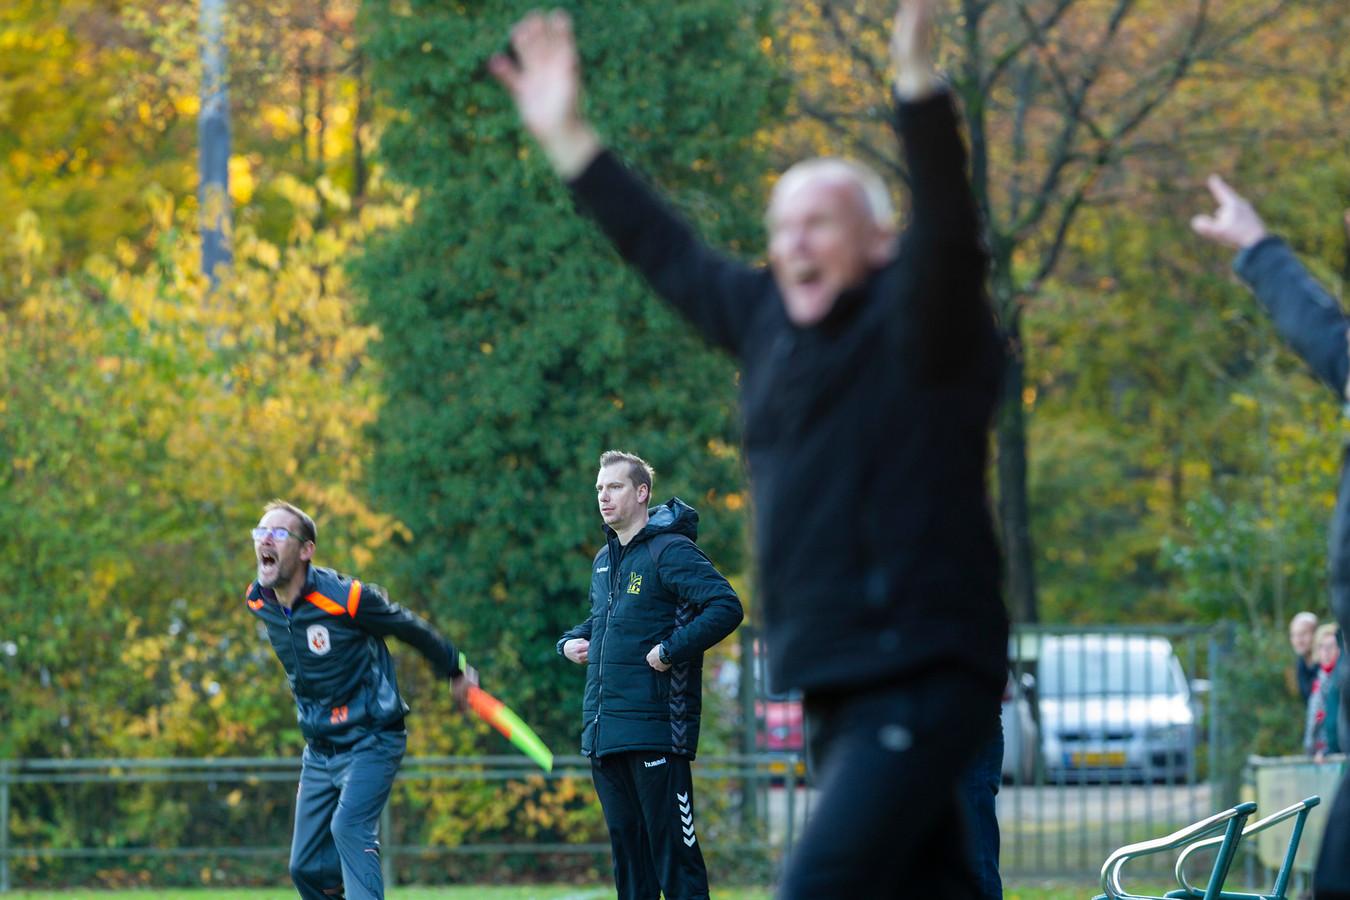 Plezier bij Emst in de derby tegen Wissel (2-5 winst). De dorpsclub heeft nu te horen gekregen dat zij alsnog promoveert naar de vierde klasse.